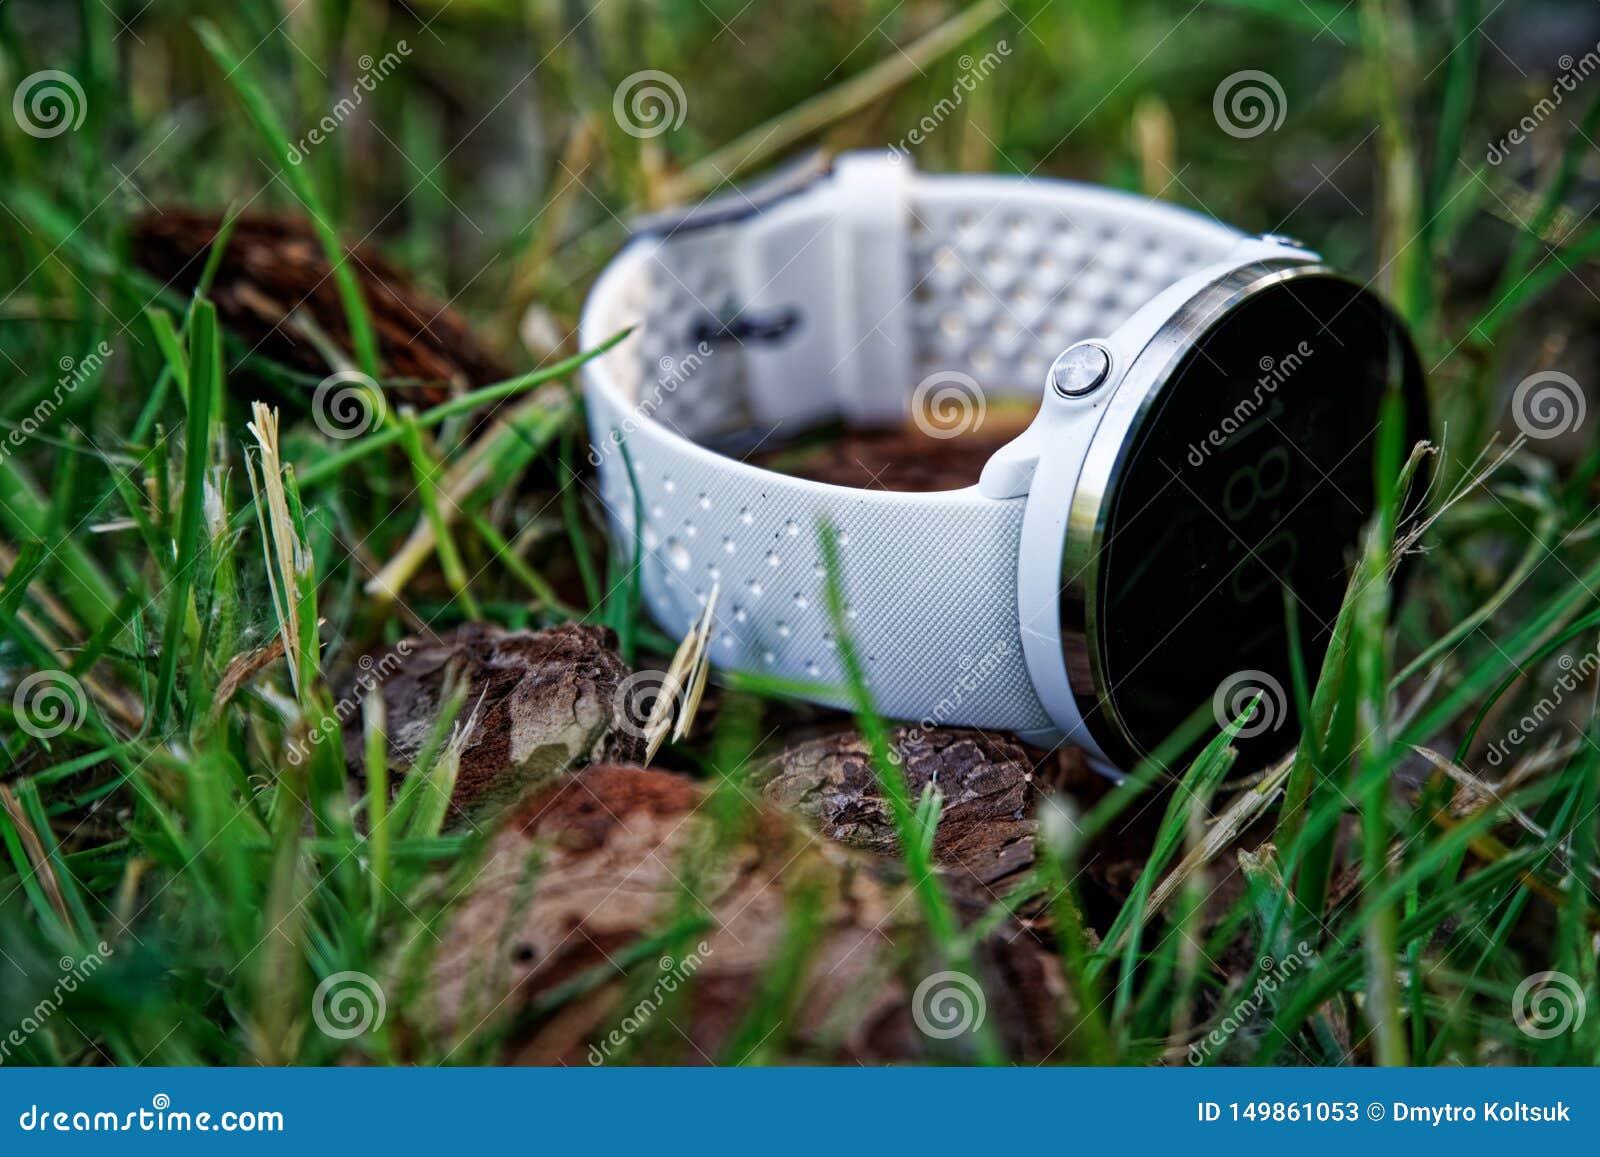 Αθλητικό ρολόι για το τρέξιμο του άσπρου χρώματος στο έδαφος στη χλόη Ρολόι ικανότητας για την καταδίωξη της καθημερινής κατάρτισ